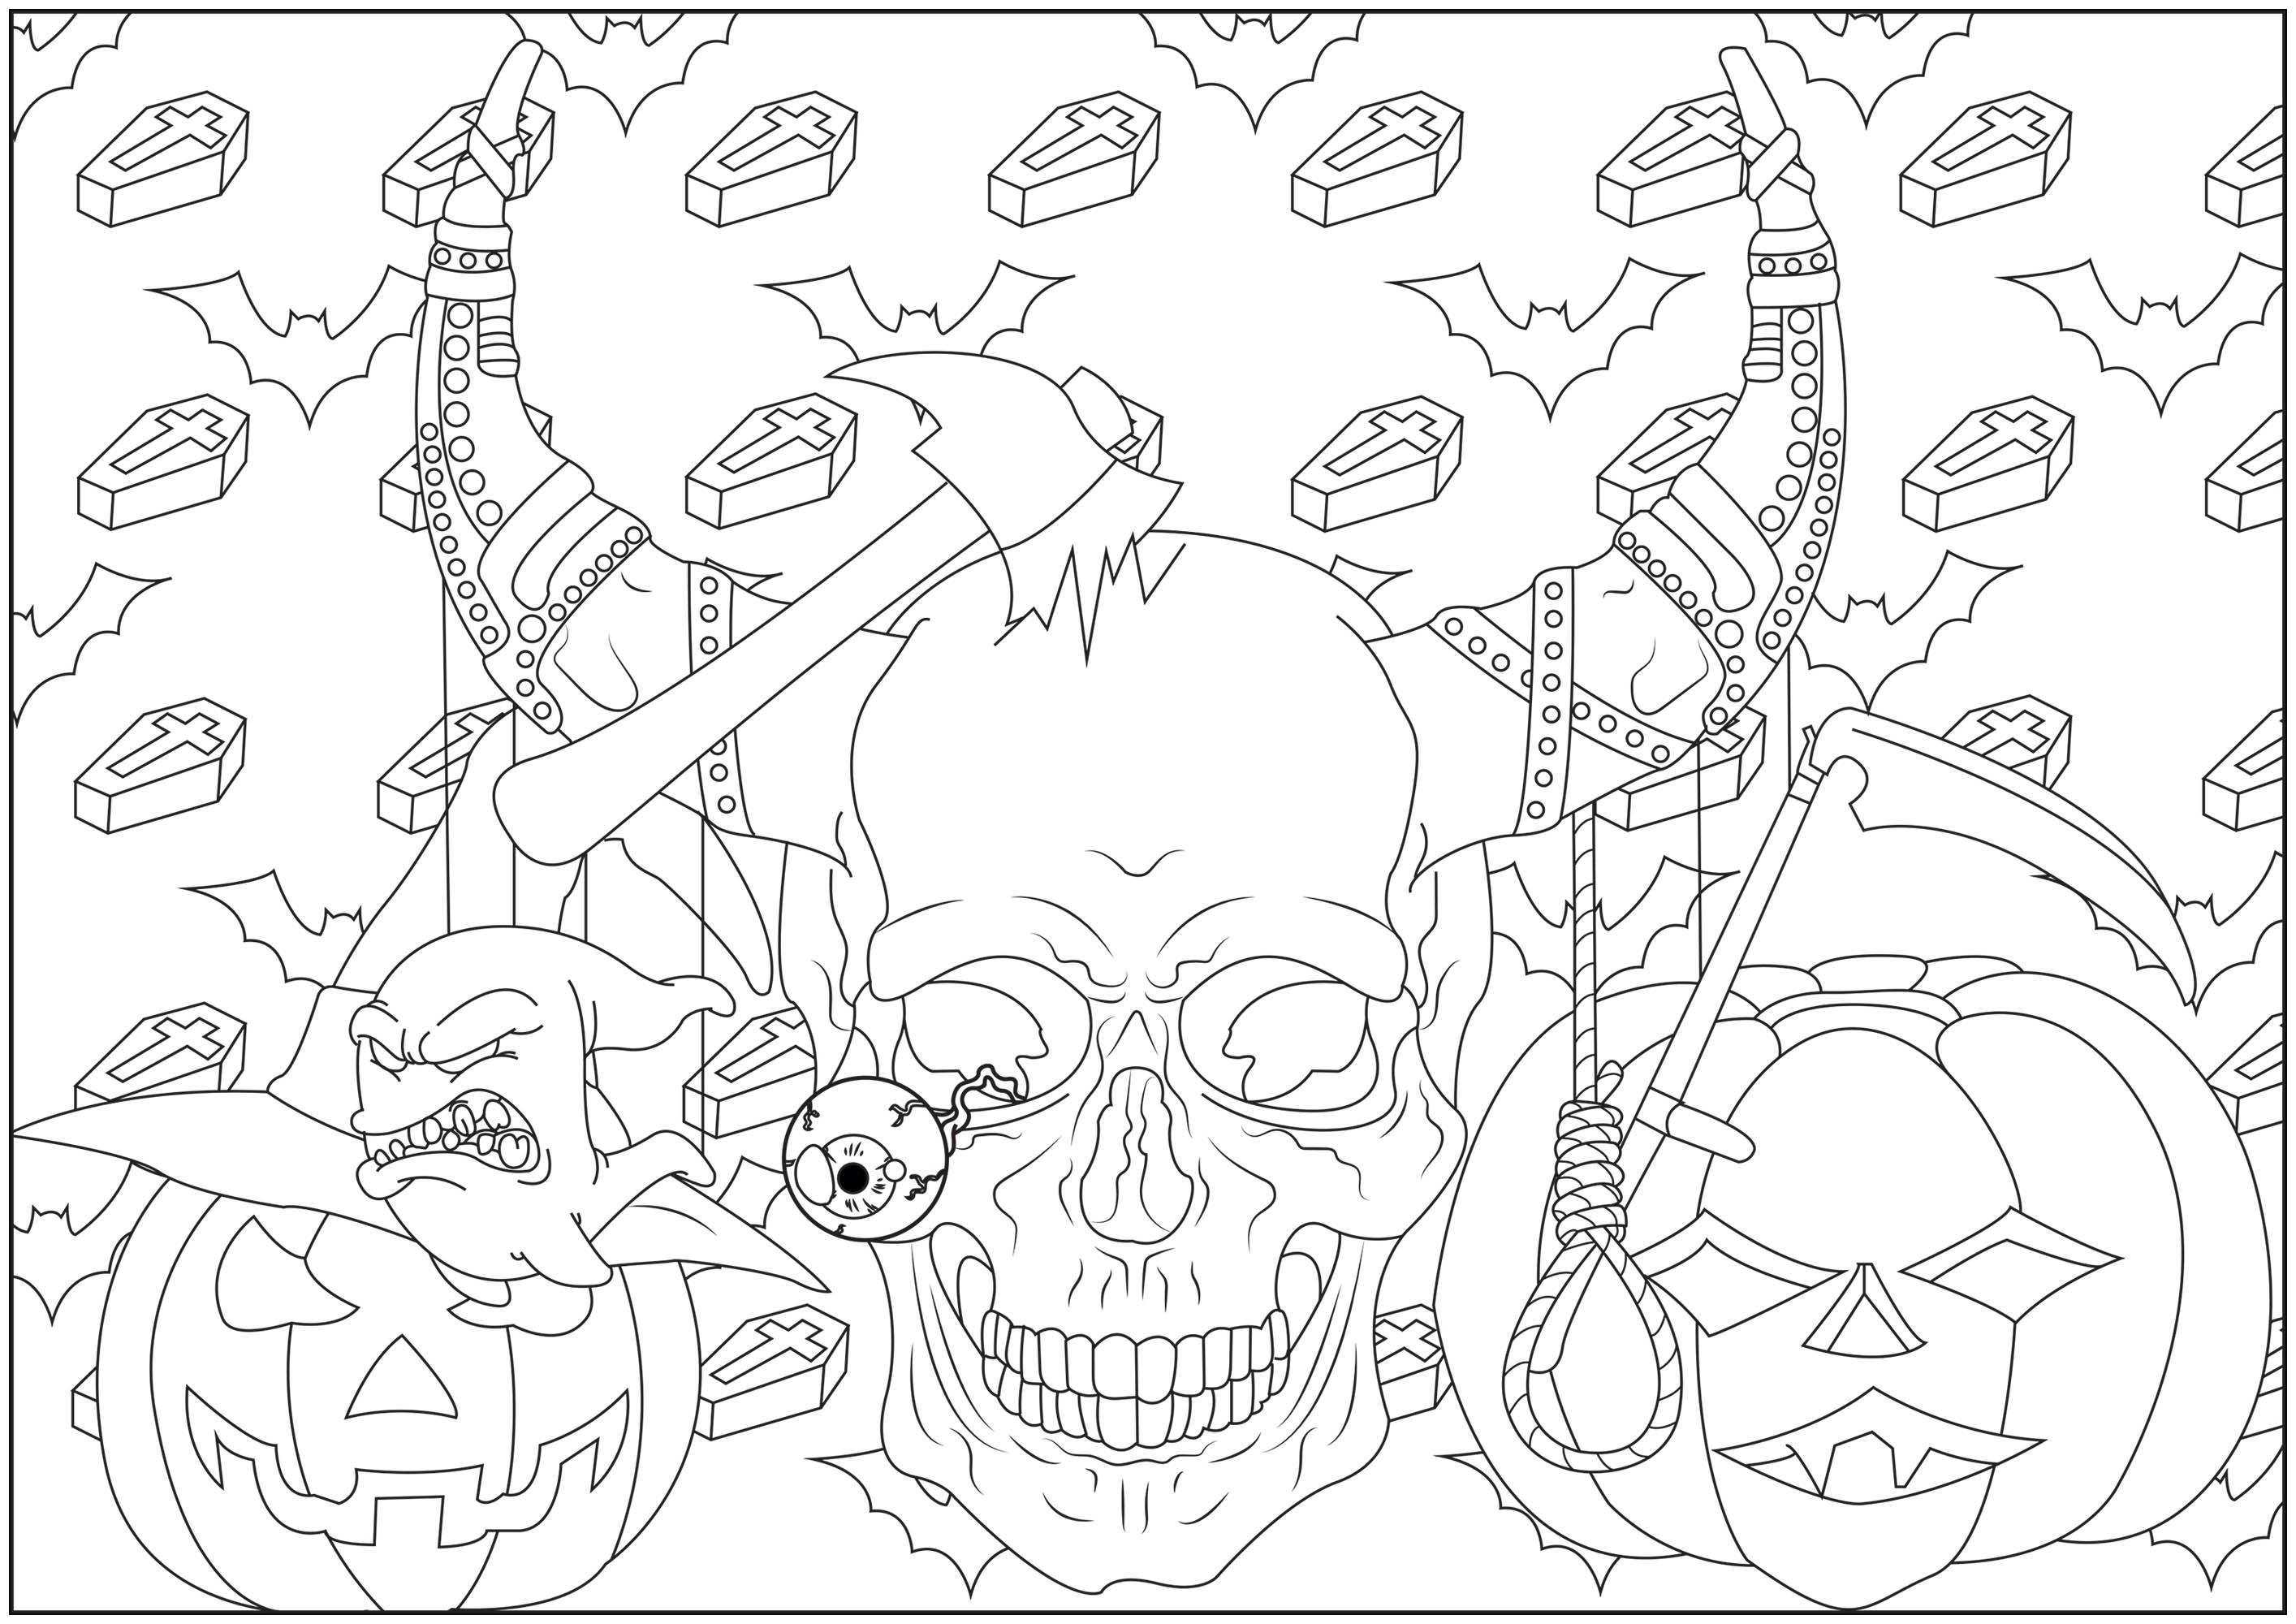 Coloriez ce crâne effrayant, entouré de citrouilles, avec en fond des cercueils et des chauves-souris